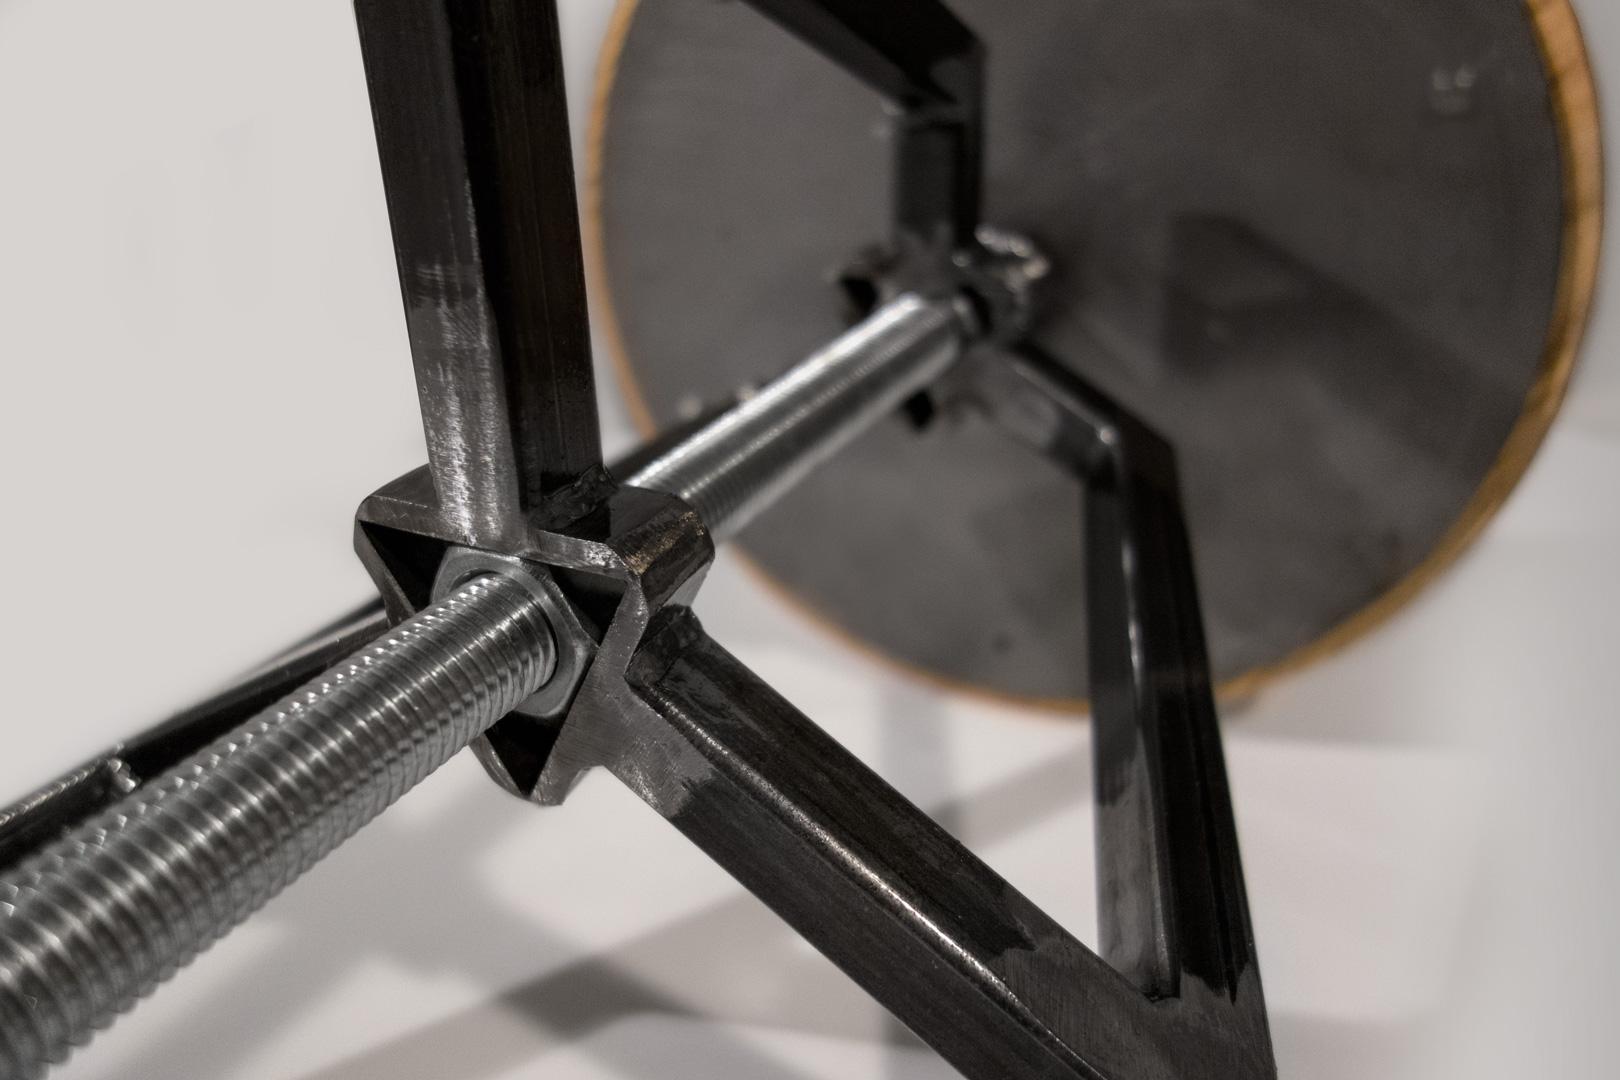 Detailaufnahme der unteren Führung des Drehhockers. Kein Wackeln der Sitzfläche.